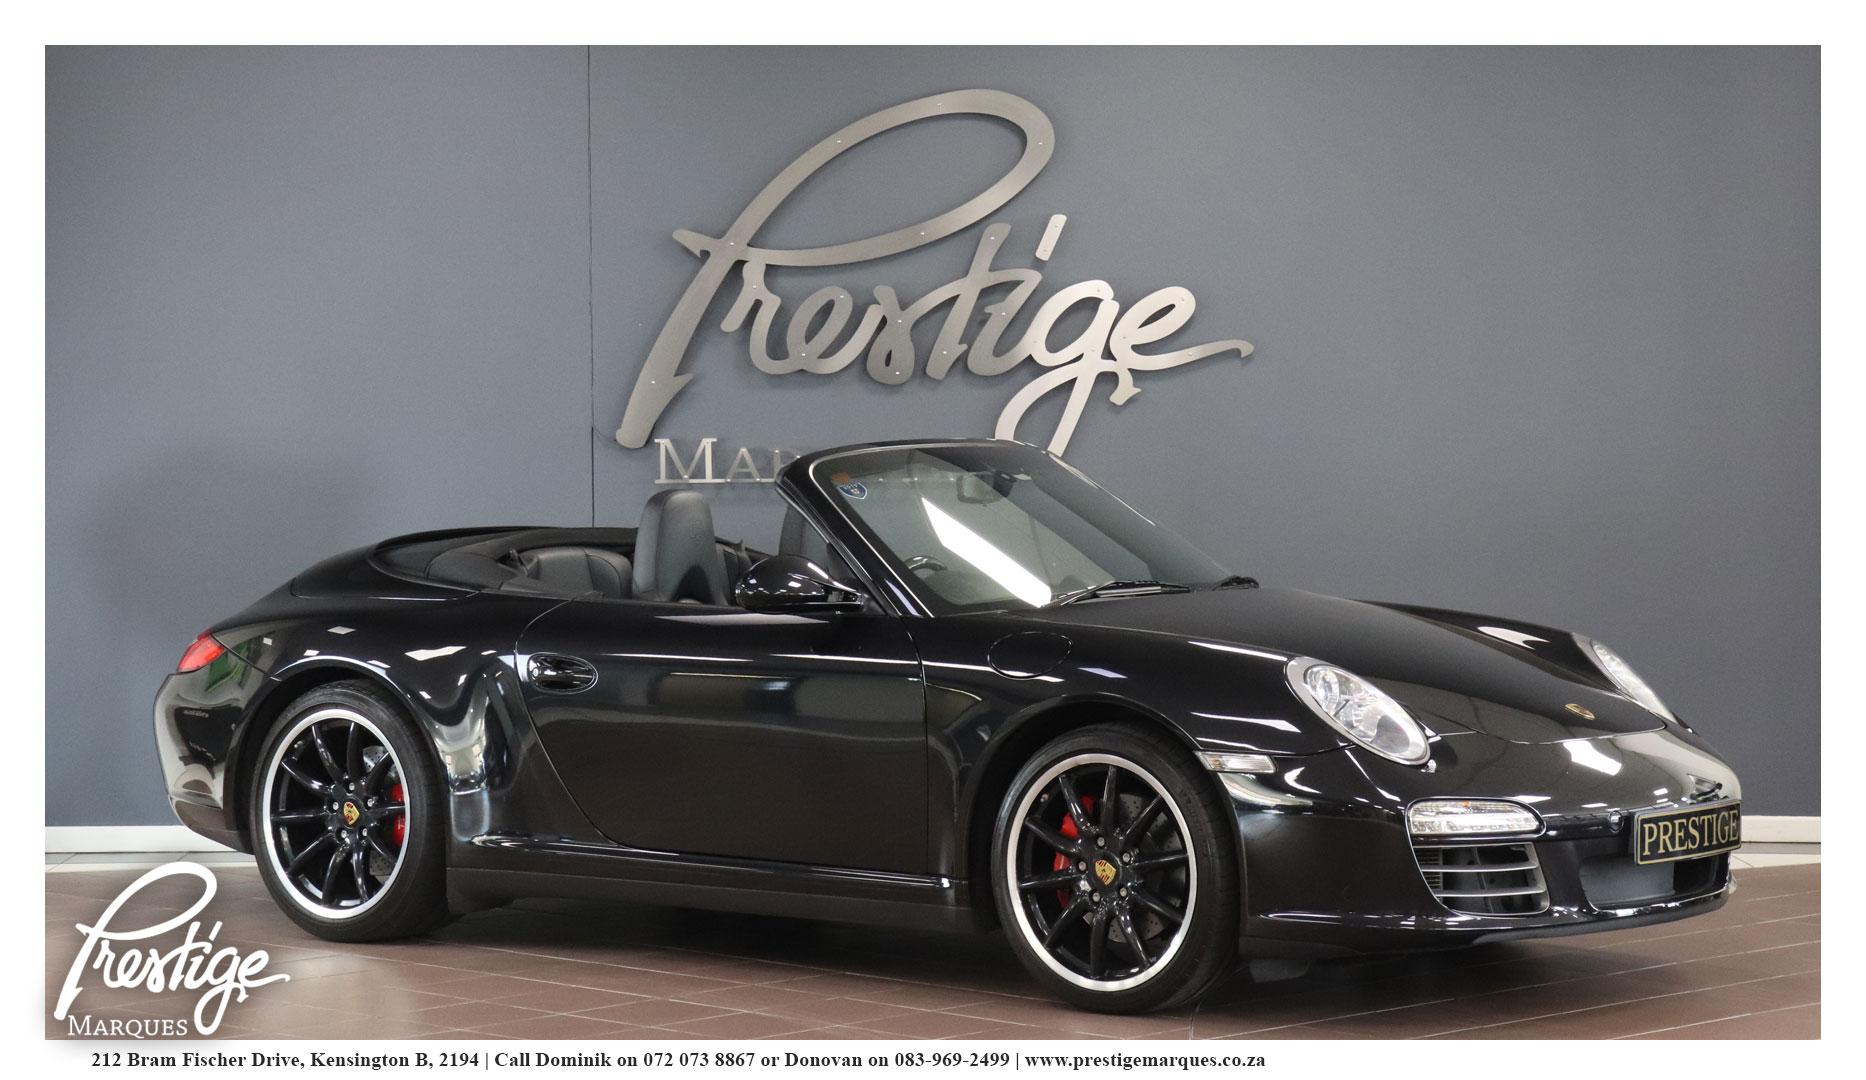 2009-Porsche-911- (997.2)-Carrera-4s-PDK Cabriolet-Prestige-Marques-Randburg-Sandton-1